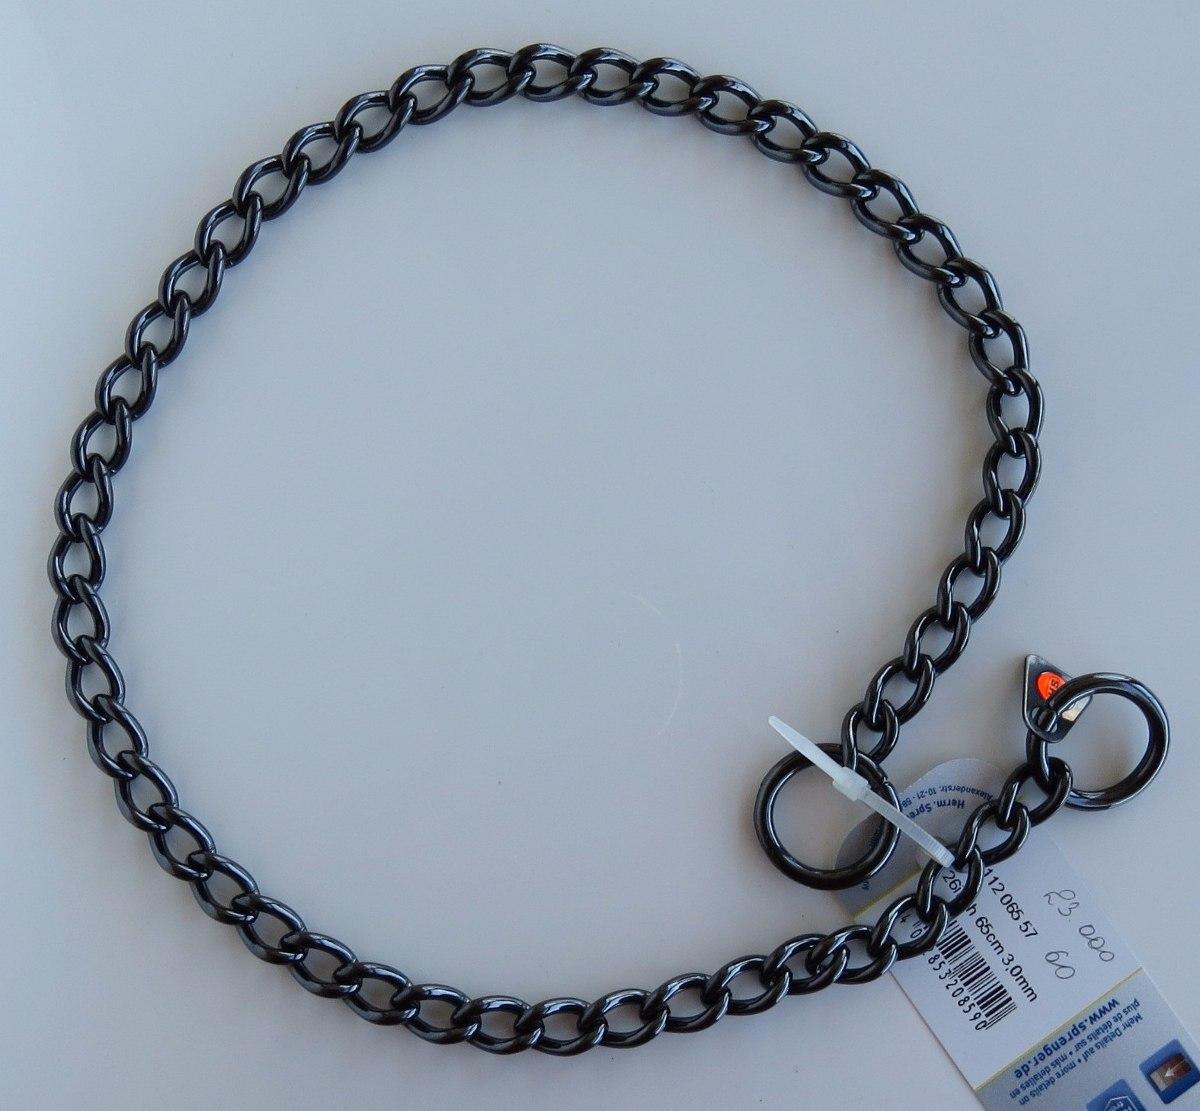 d1278be2c6dd Collar De 54 Cm Acero Inox. Negro Herm Sprenger 51112 -   24.500 en ...